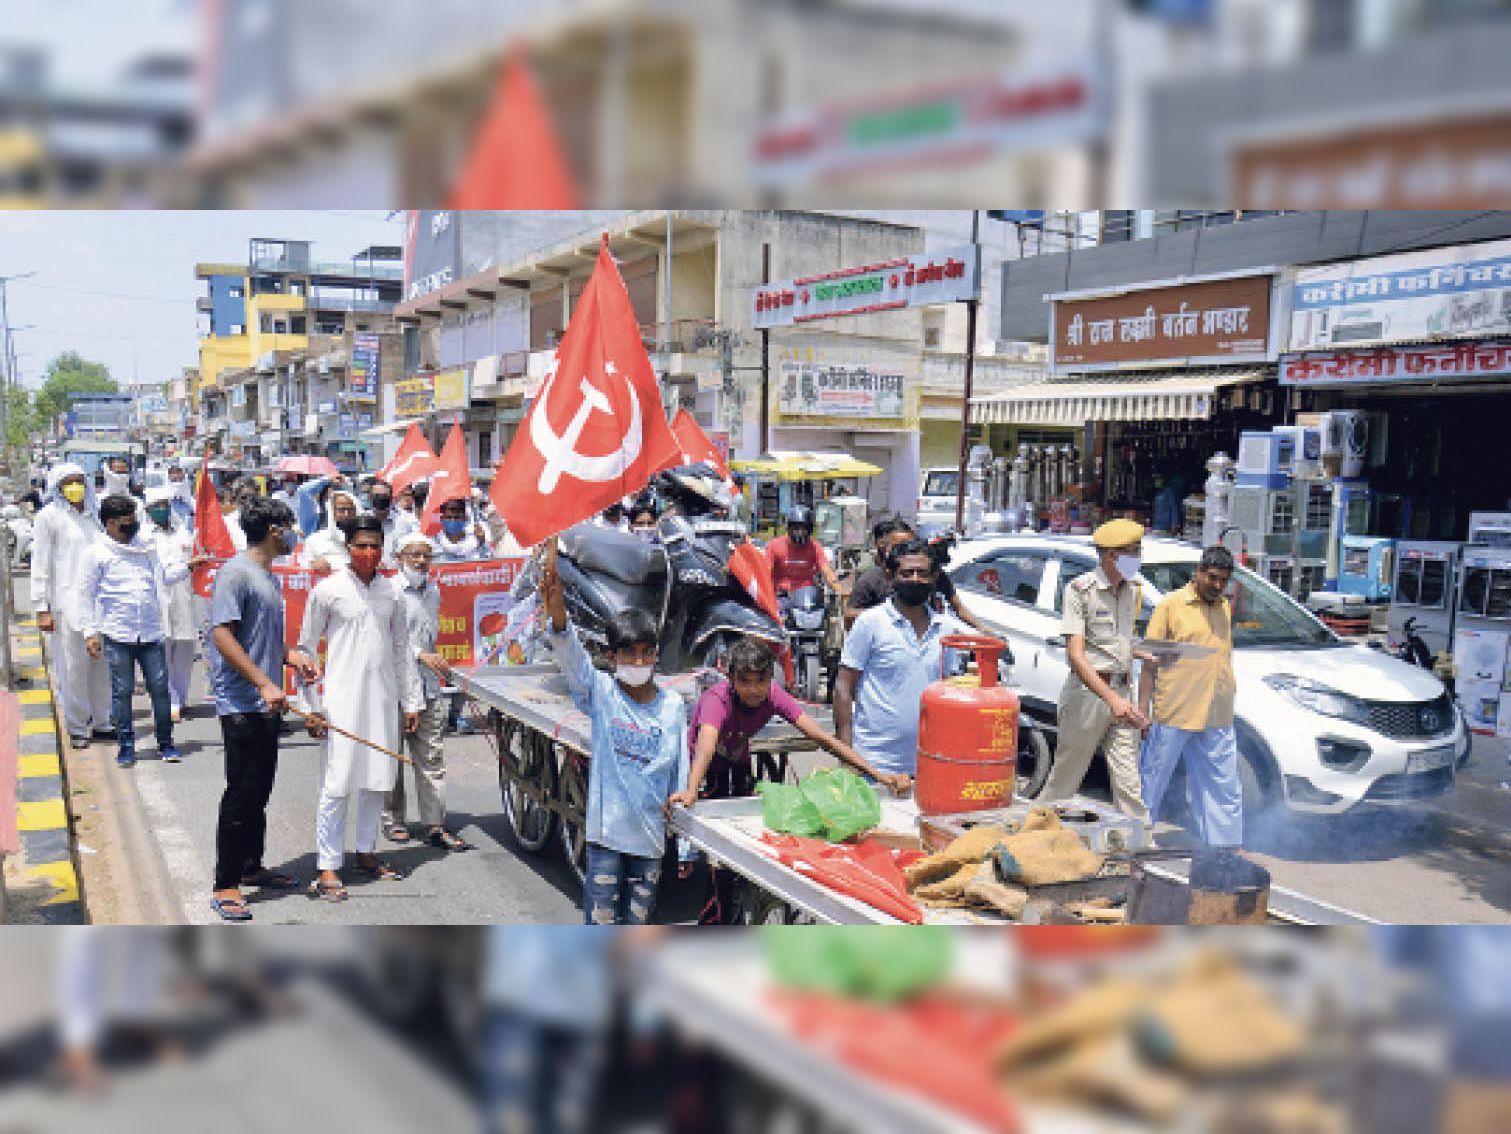 महंगाई और कृषि कानूनों के विरोध में माकपा ने रैली निकाली। - Dainik Bhaskar